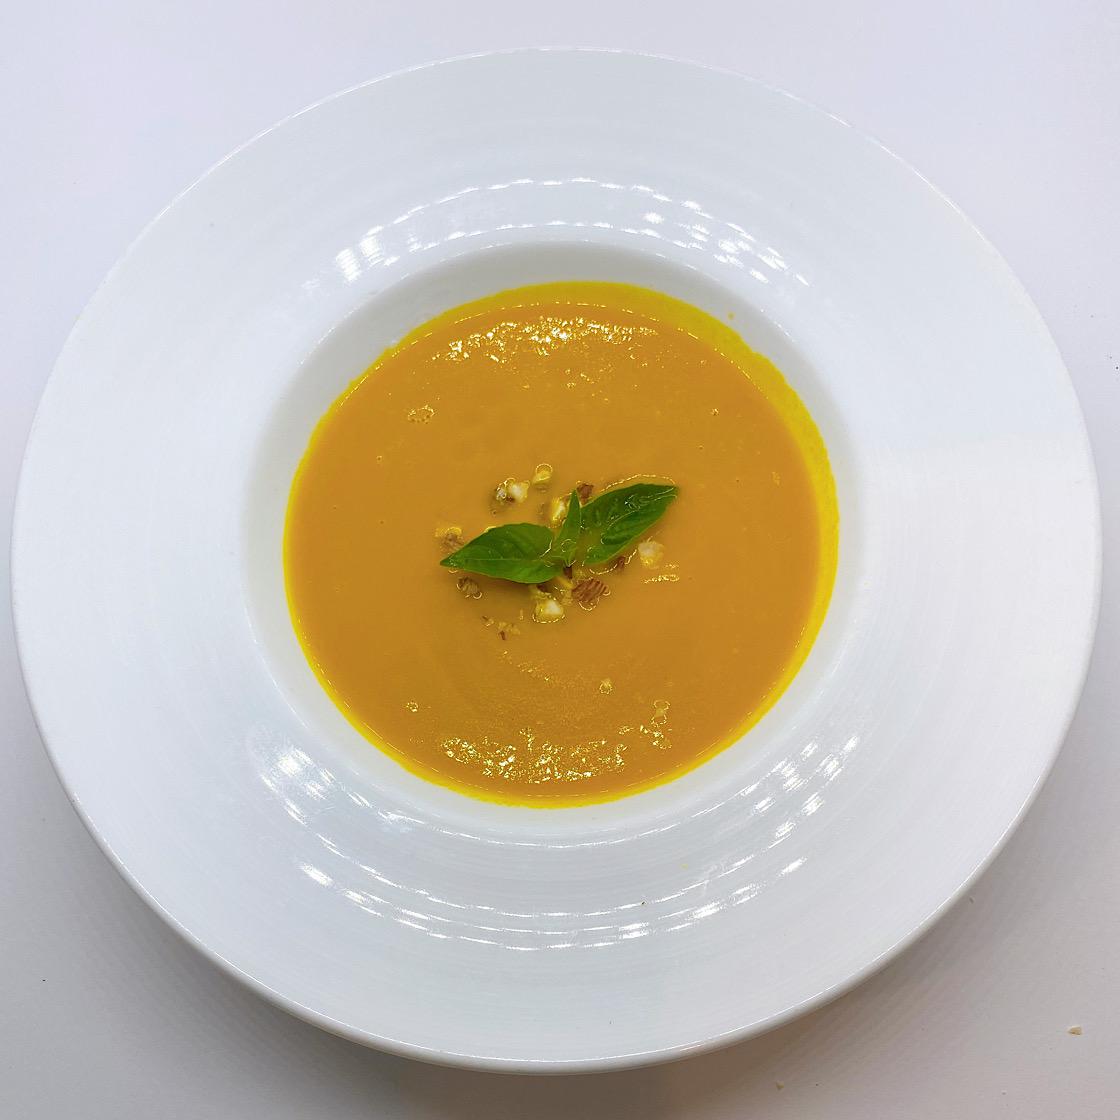 [レストランコア特製]自然栽培かぼちゃのスープ【冷凍】